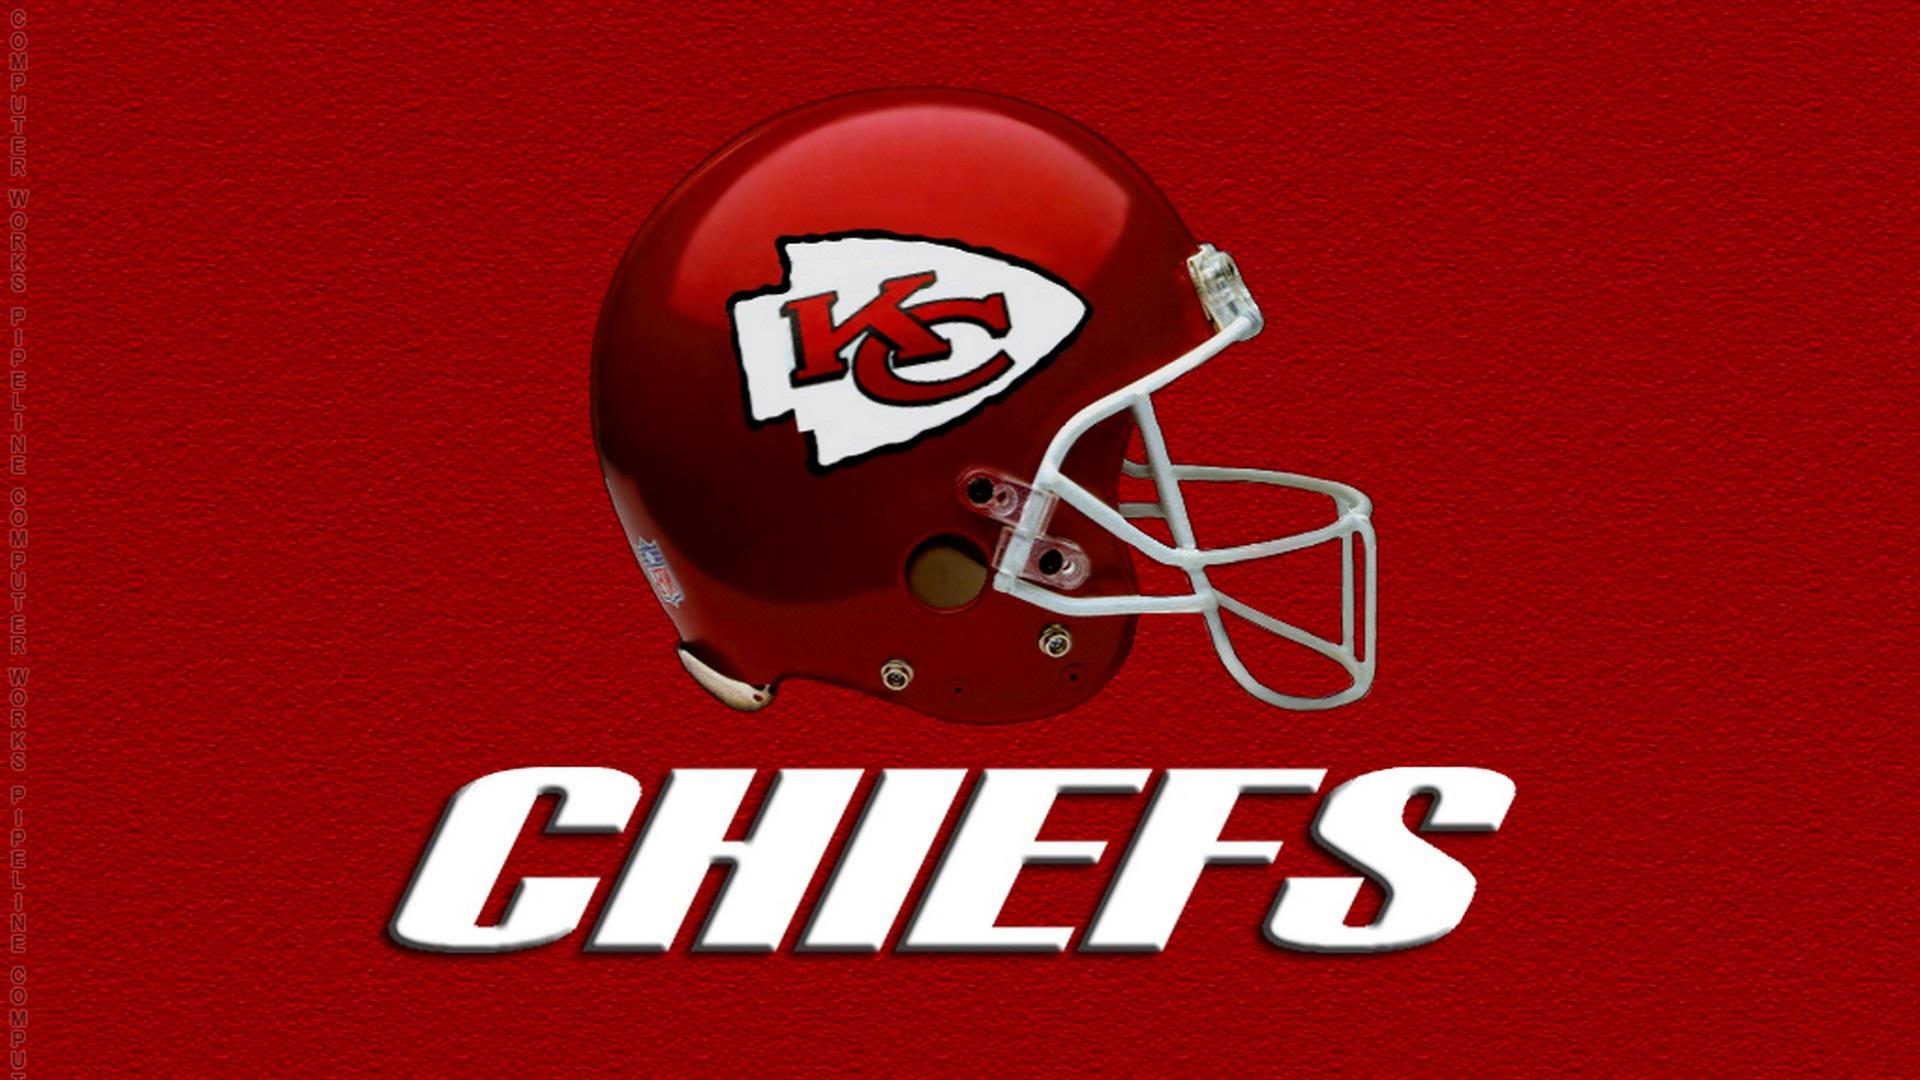 Backgrounds Kansas City Chiefs HD 2020 NFL Football Wallpapers 1920x1080